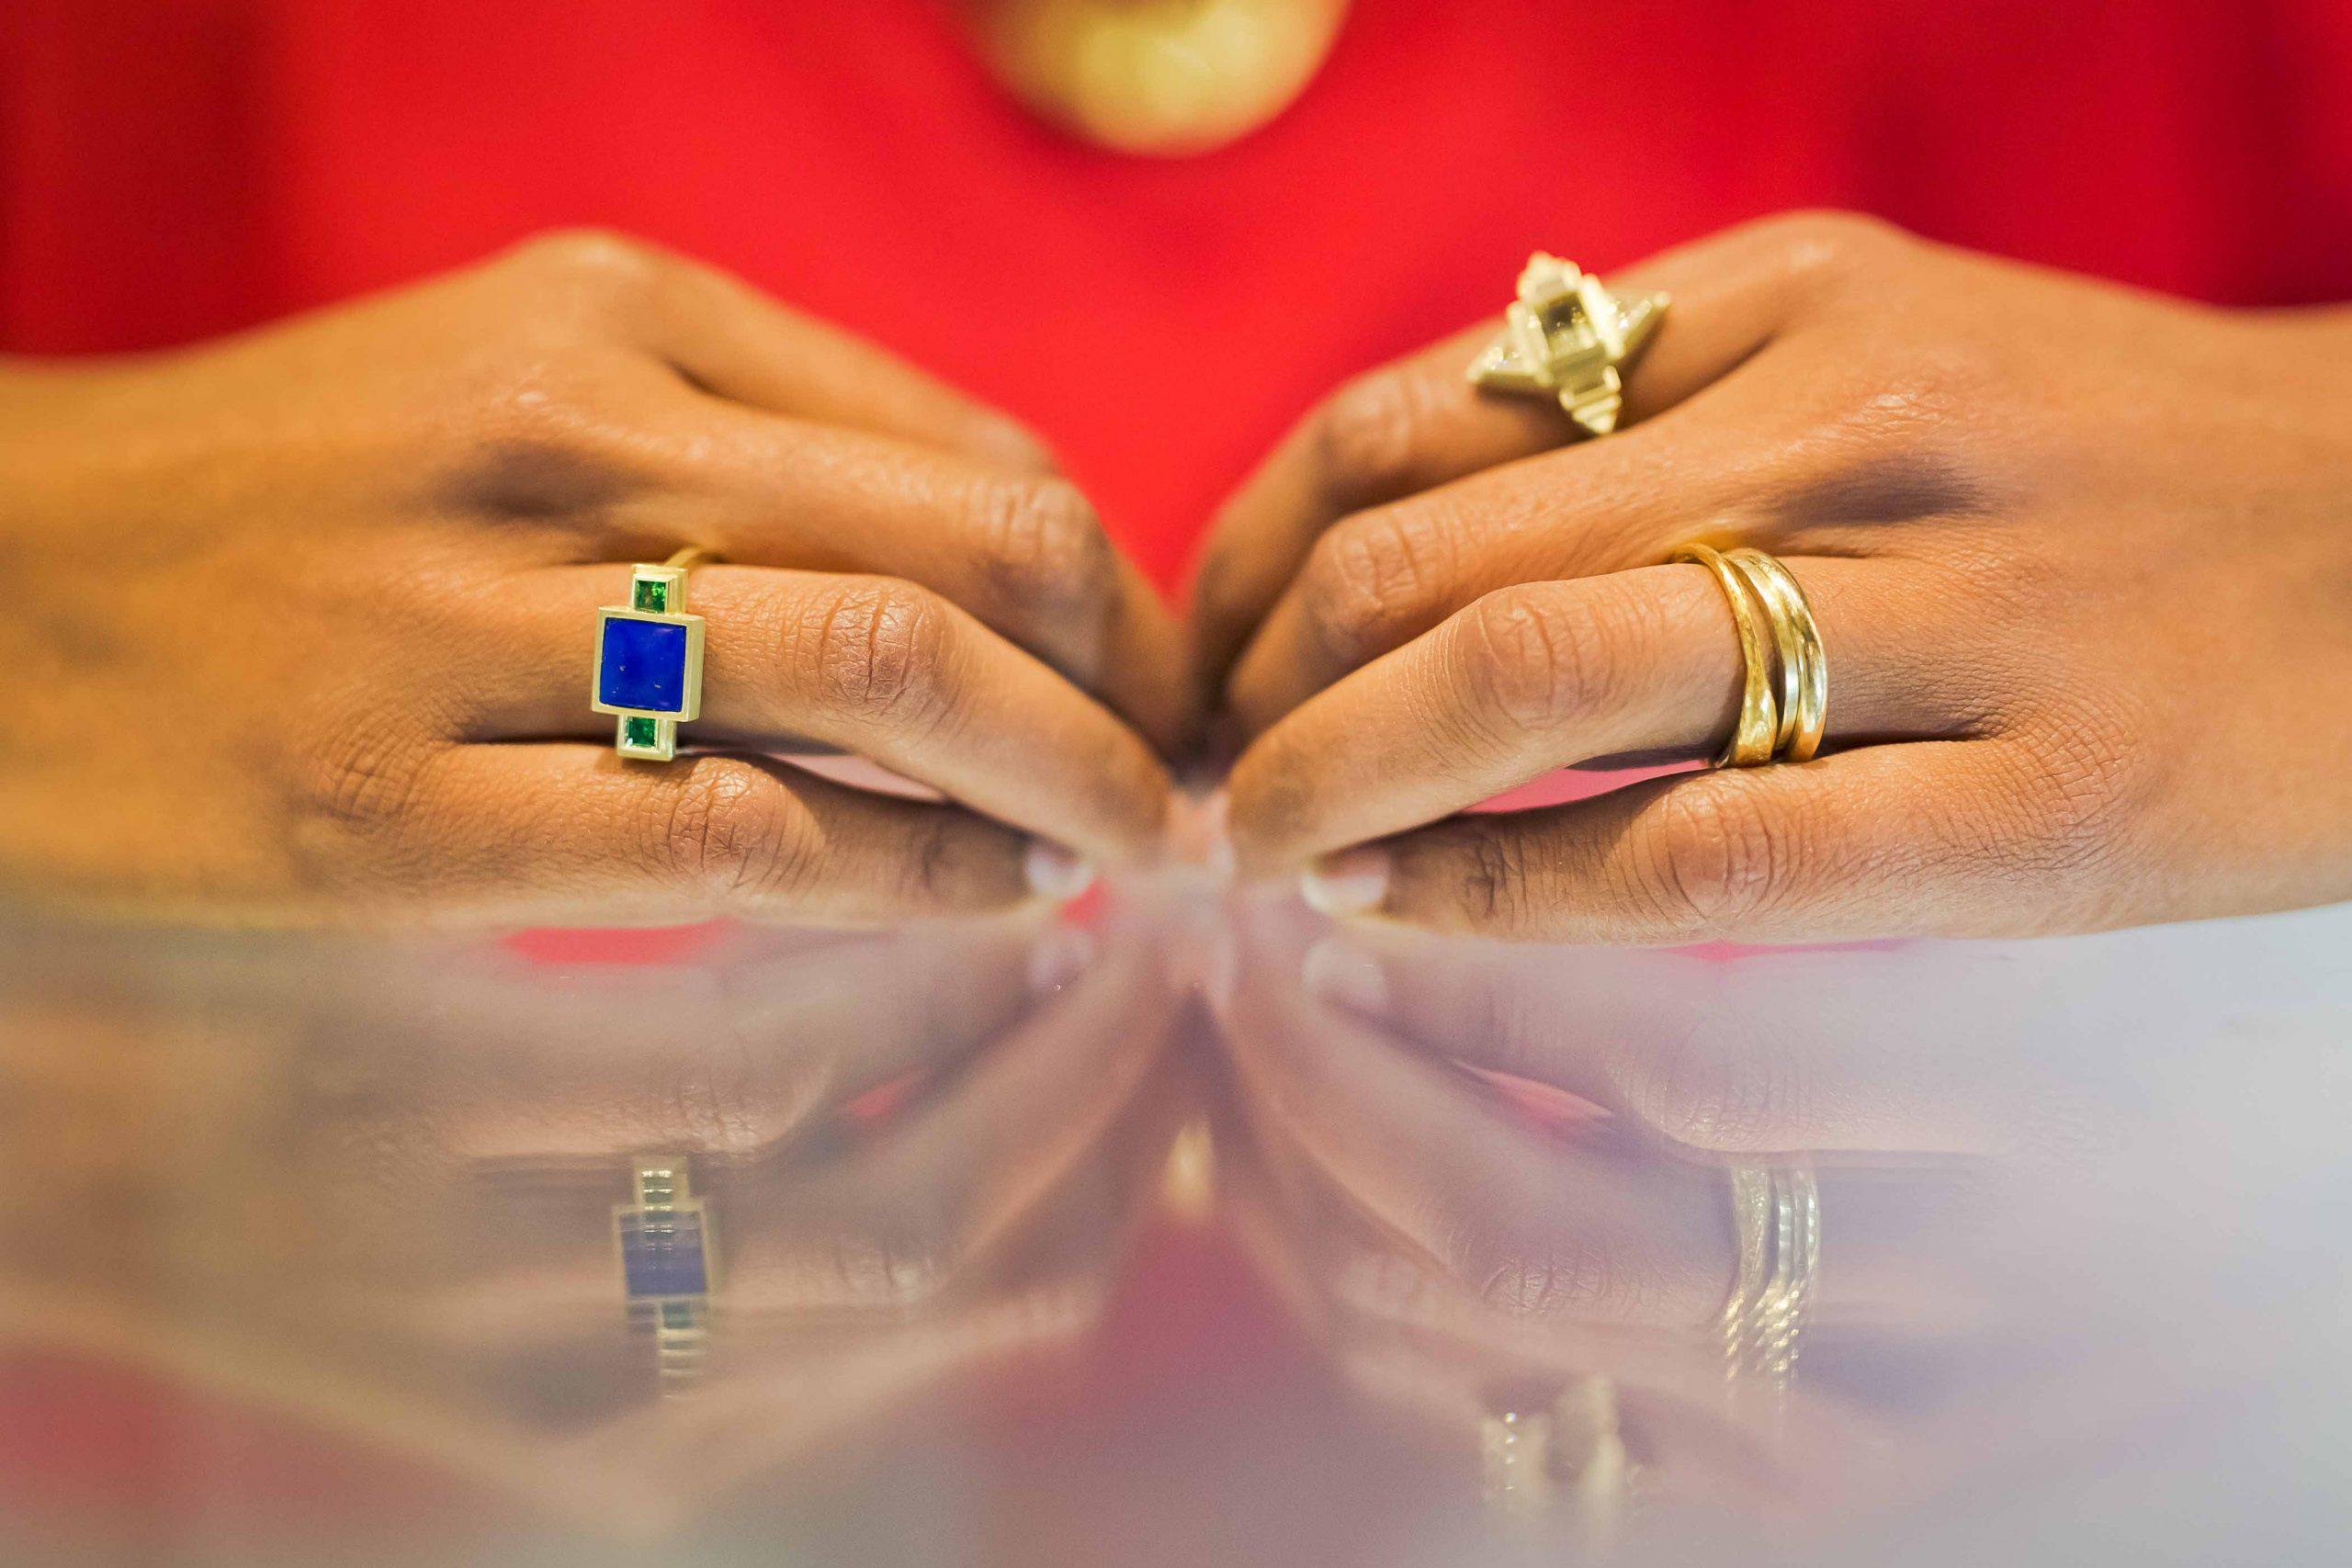 Hands showcasing rings